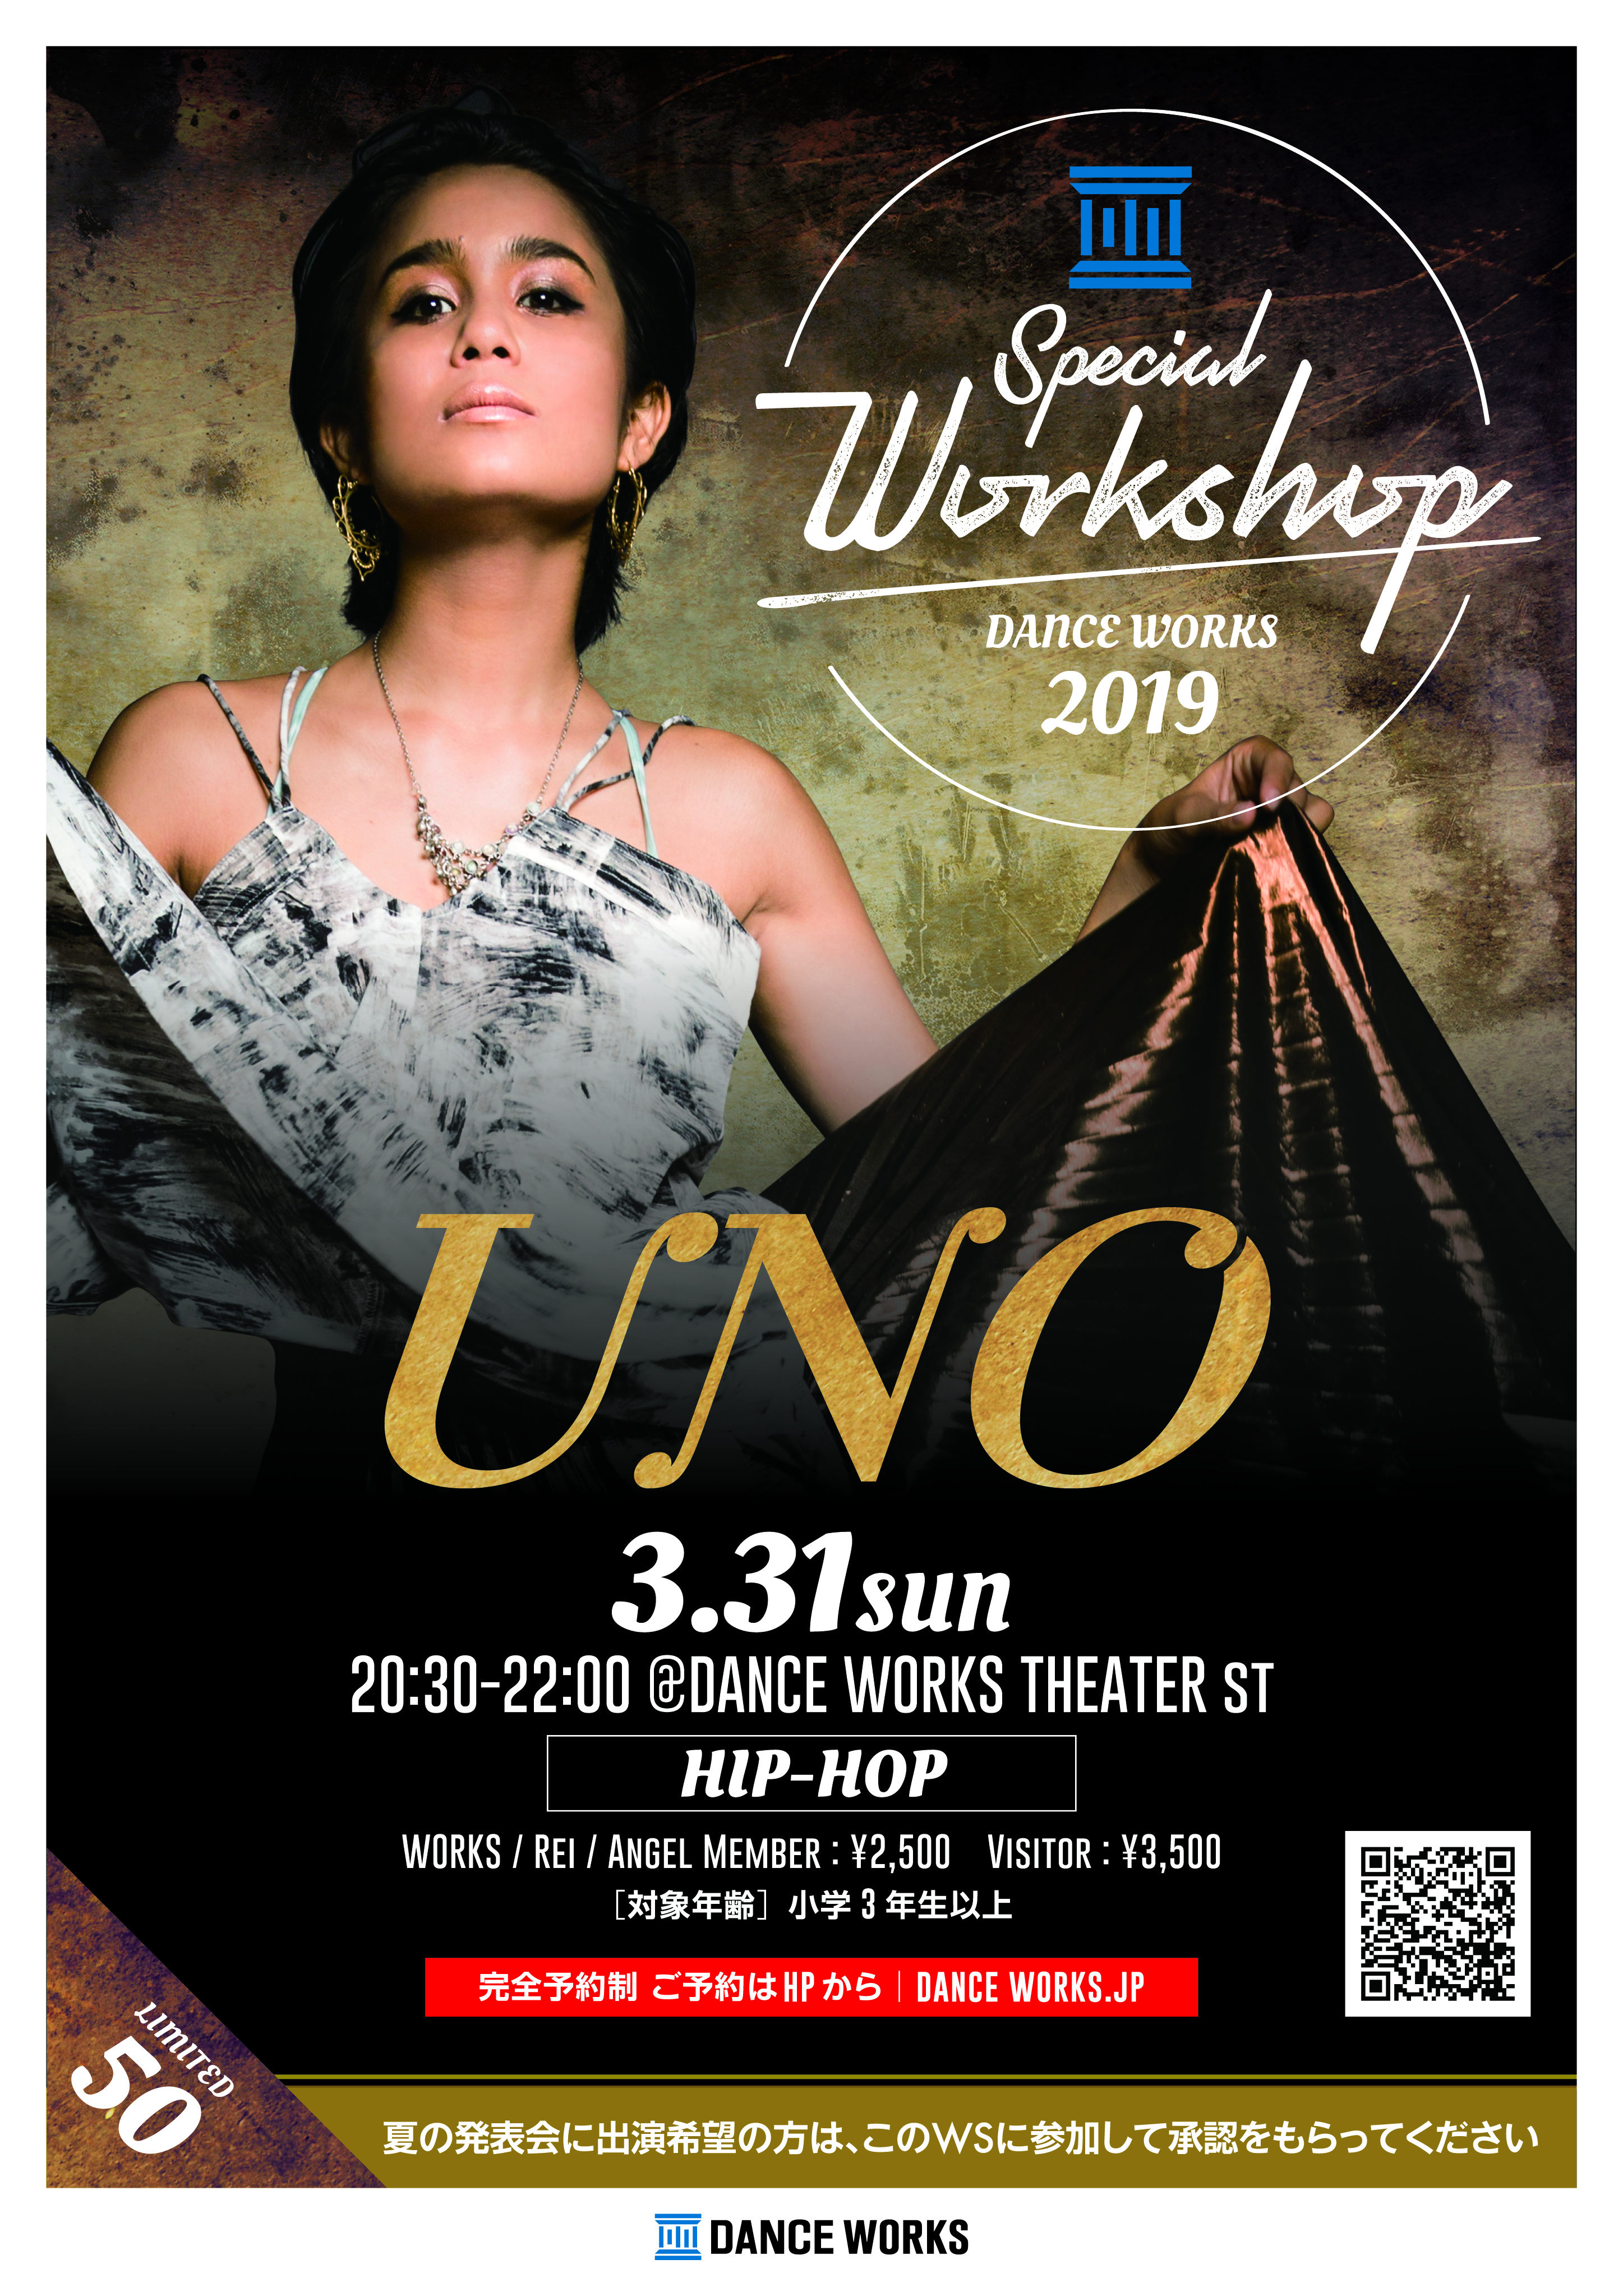 UNOによる HIPHOP SPECIALワークショップ開催決定!!